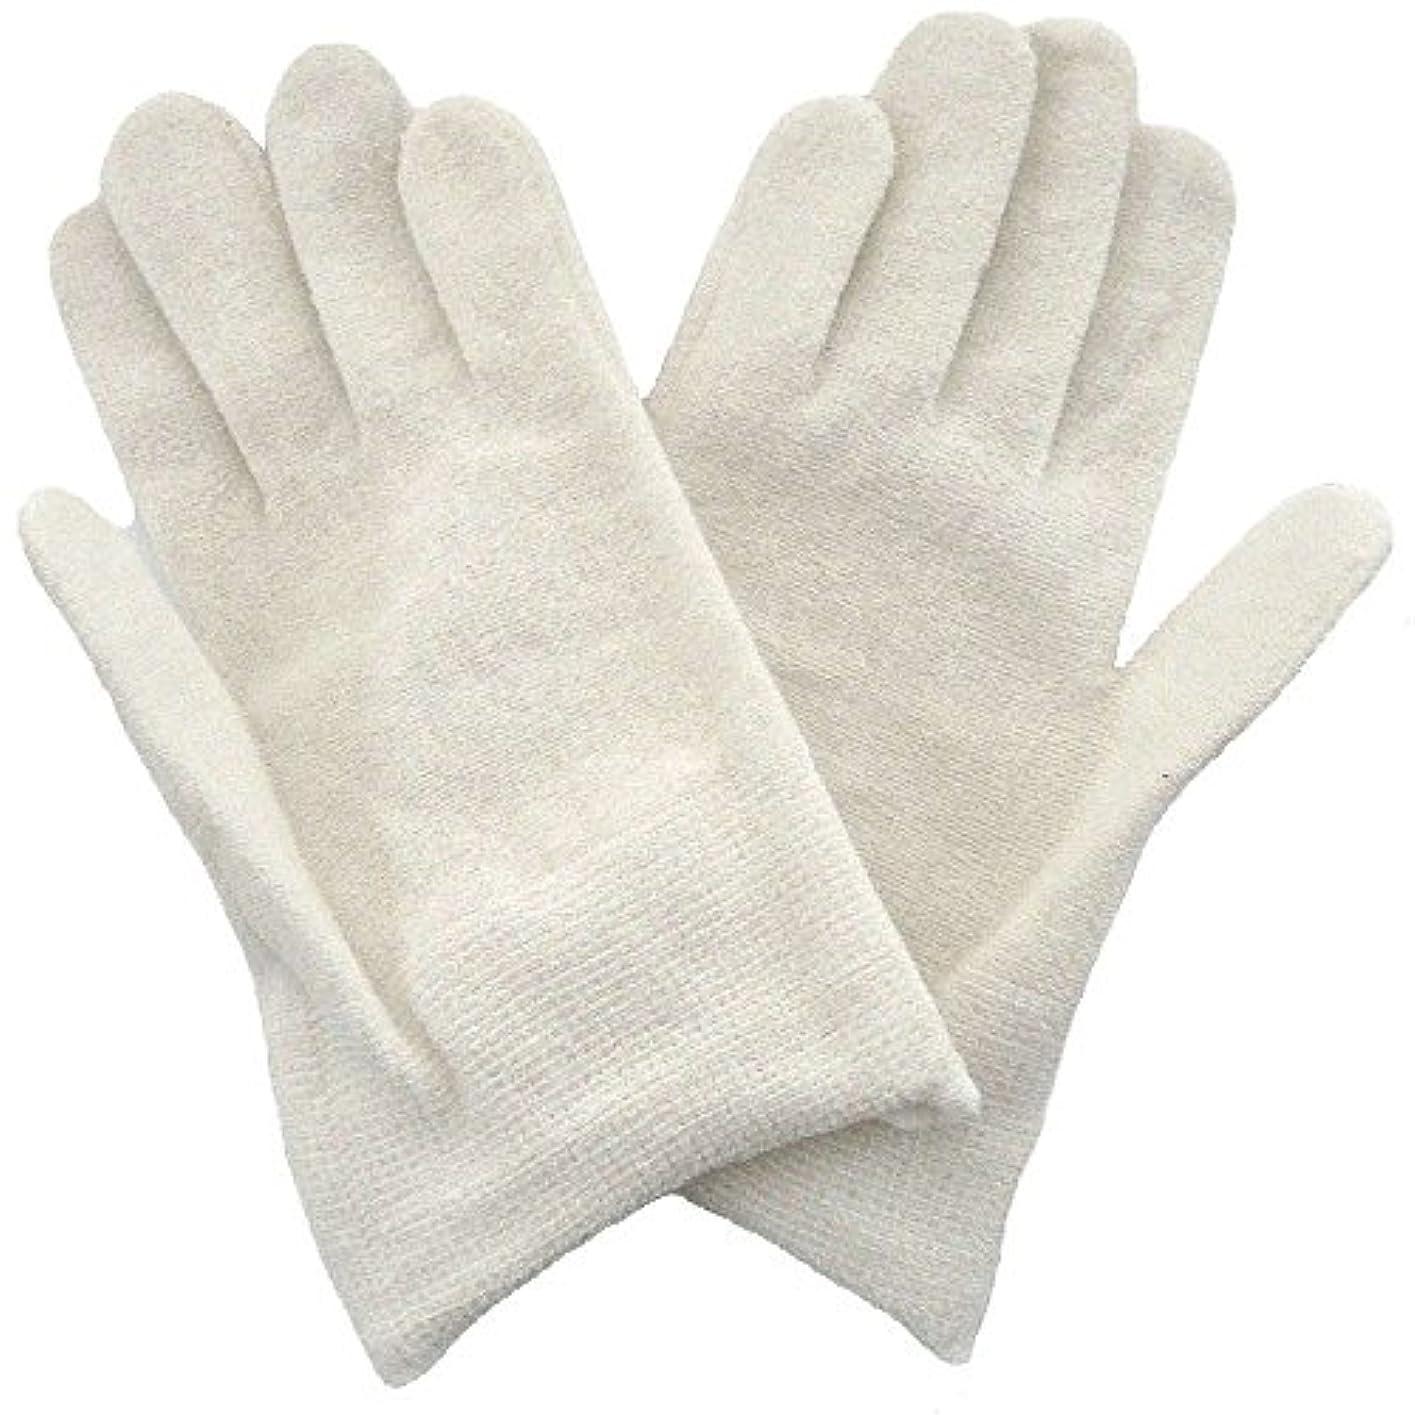 不格好素敵なソース【アトピー】【水疱瘡】【皮膚炎】 ナノミックス おやすみ手袋:キッズ用 ホワイト